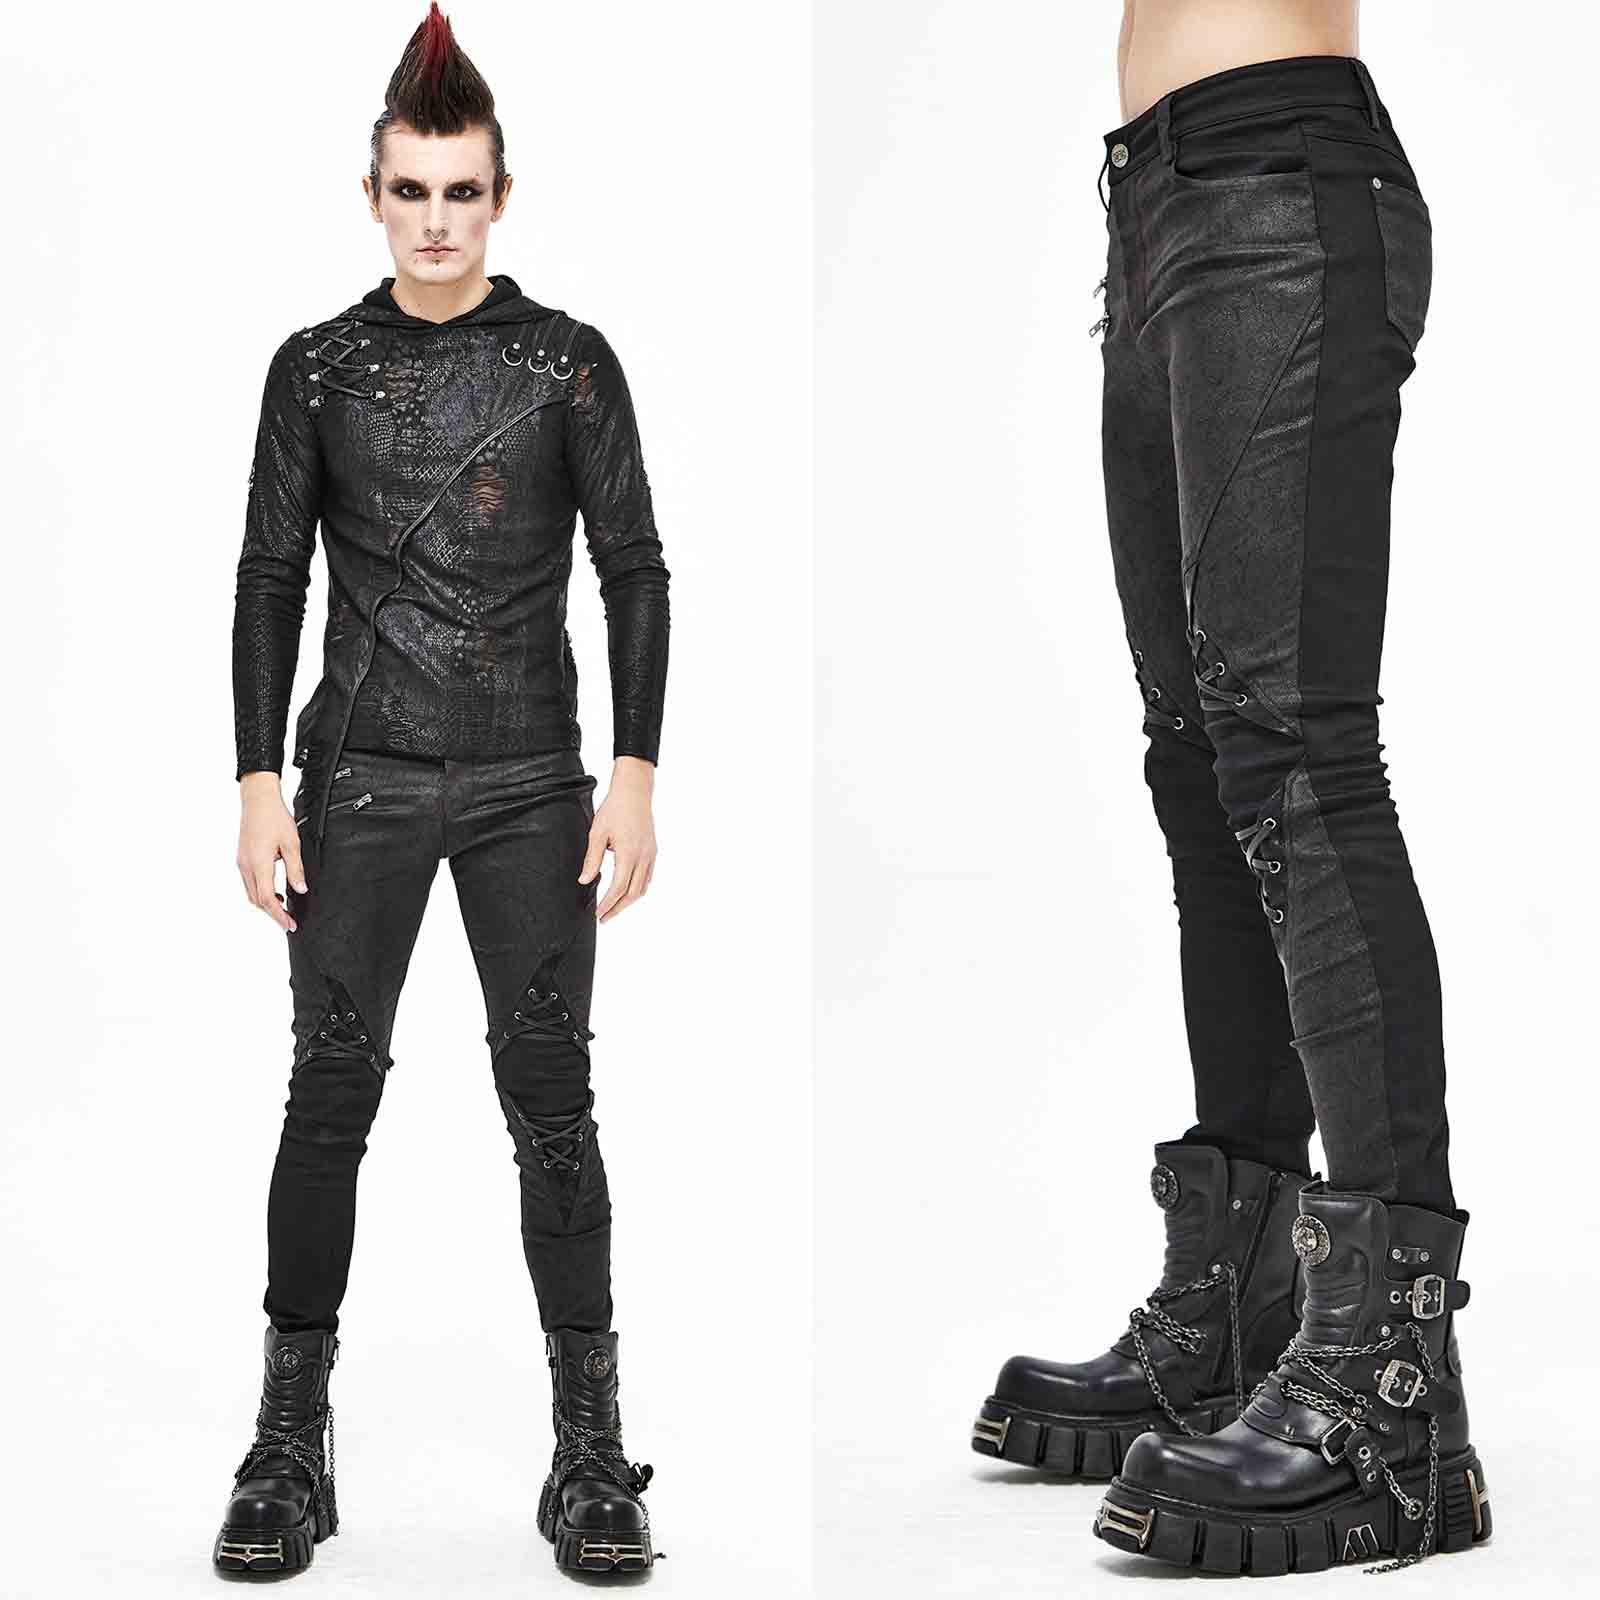 DEVIL FASHION Rage Out Skinny Pants